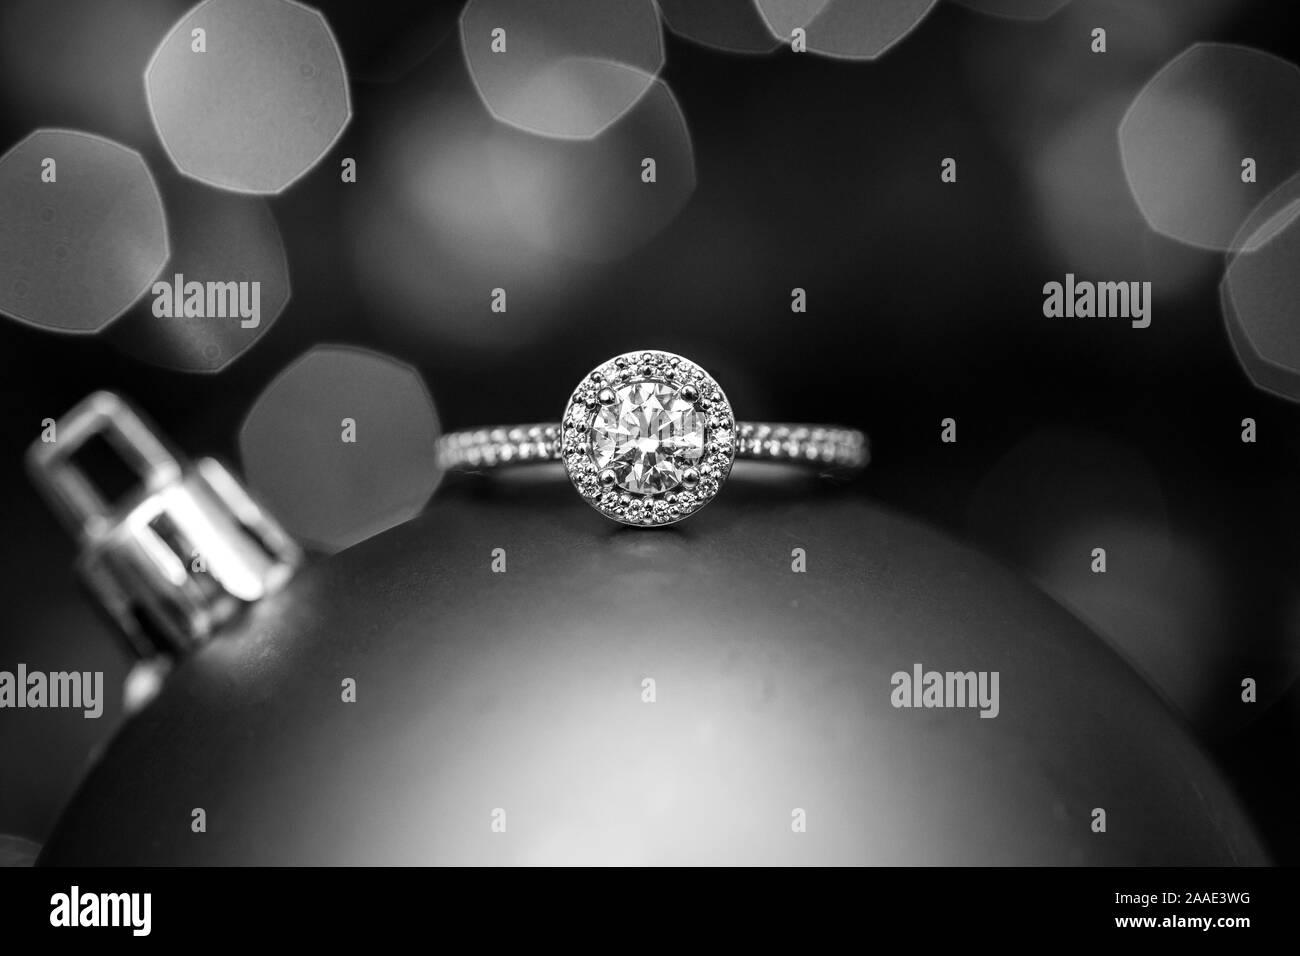 Verlobungsring auf a Christmas Ornament mit Licht im Hintergrund. Schwarz und Weiß. Stockfoto